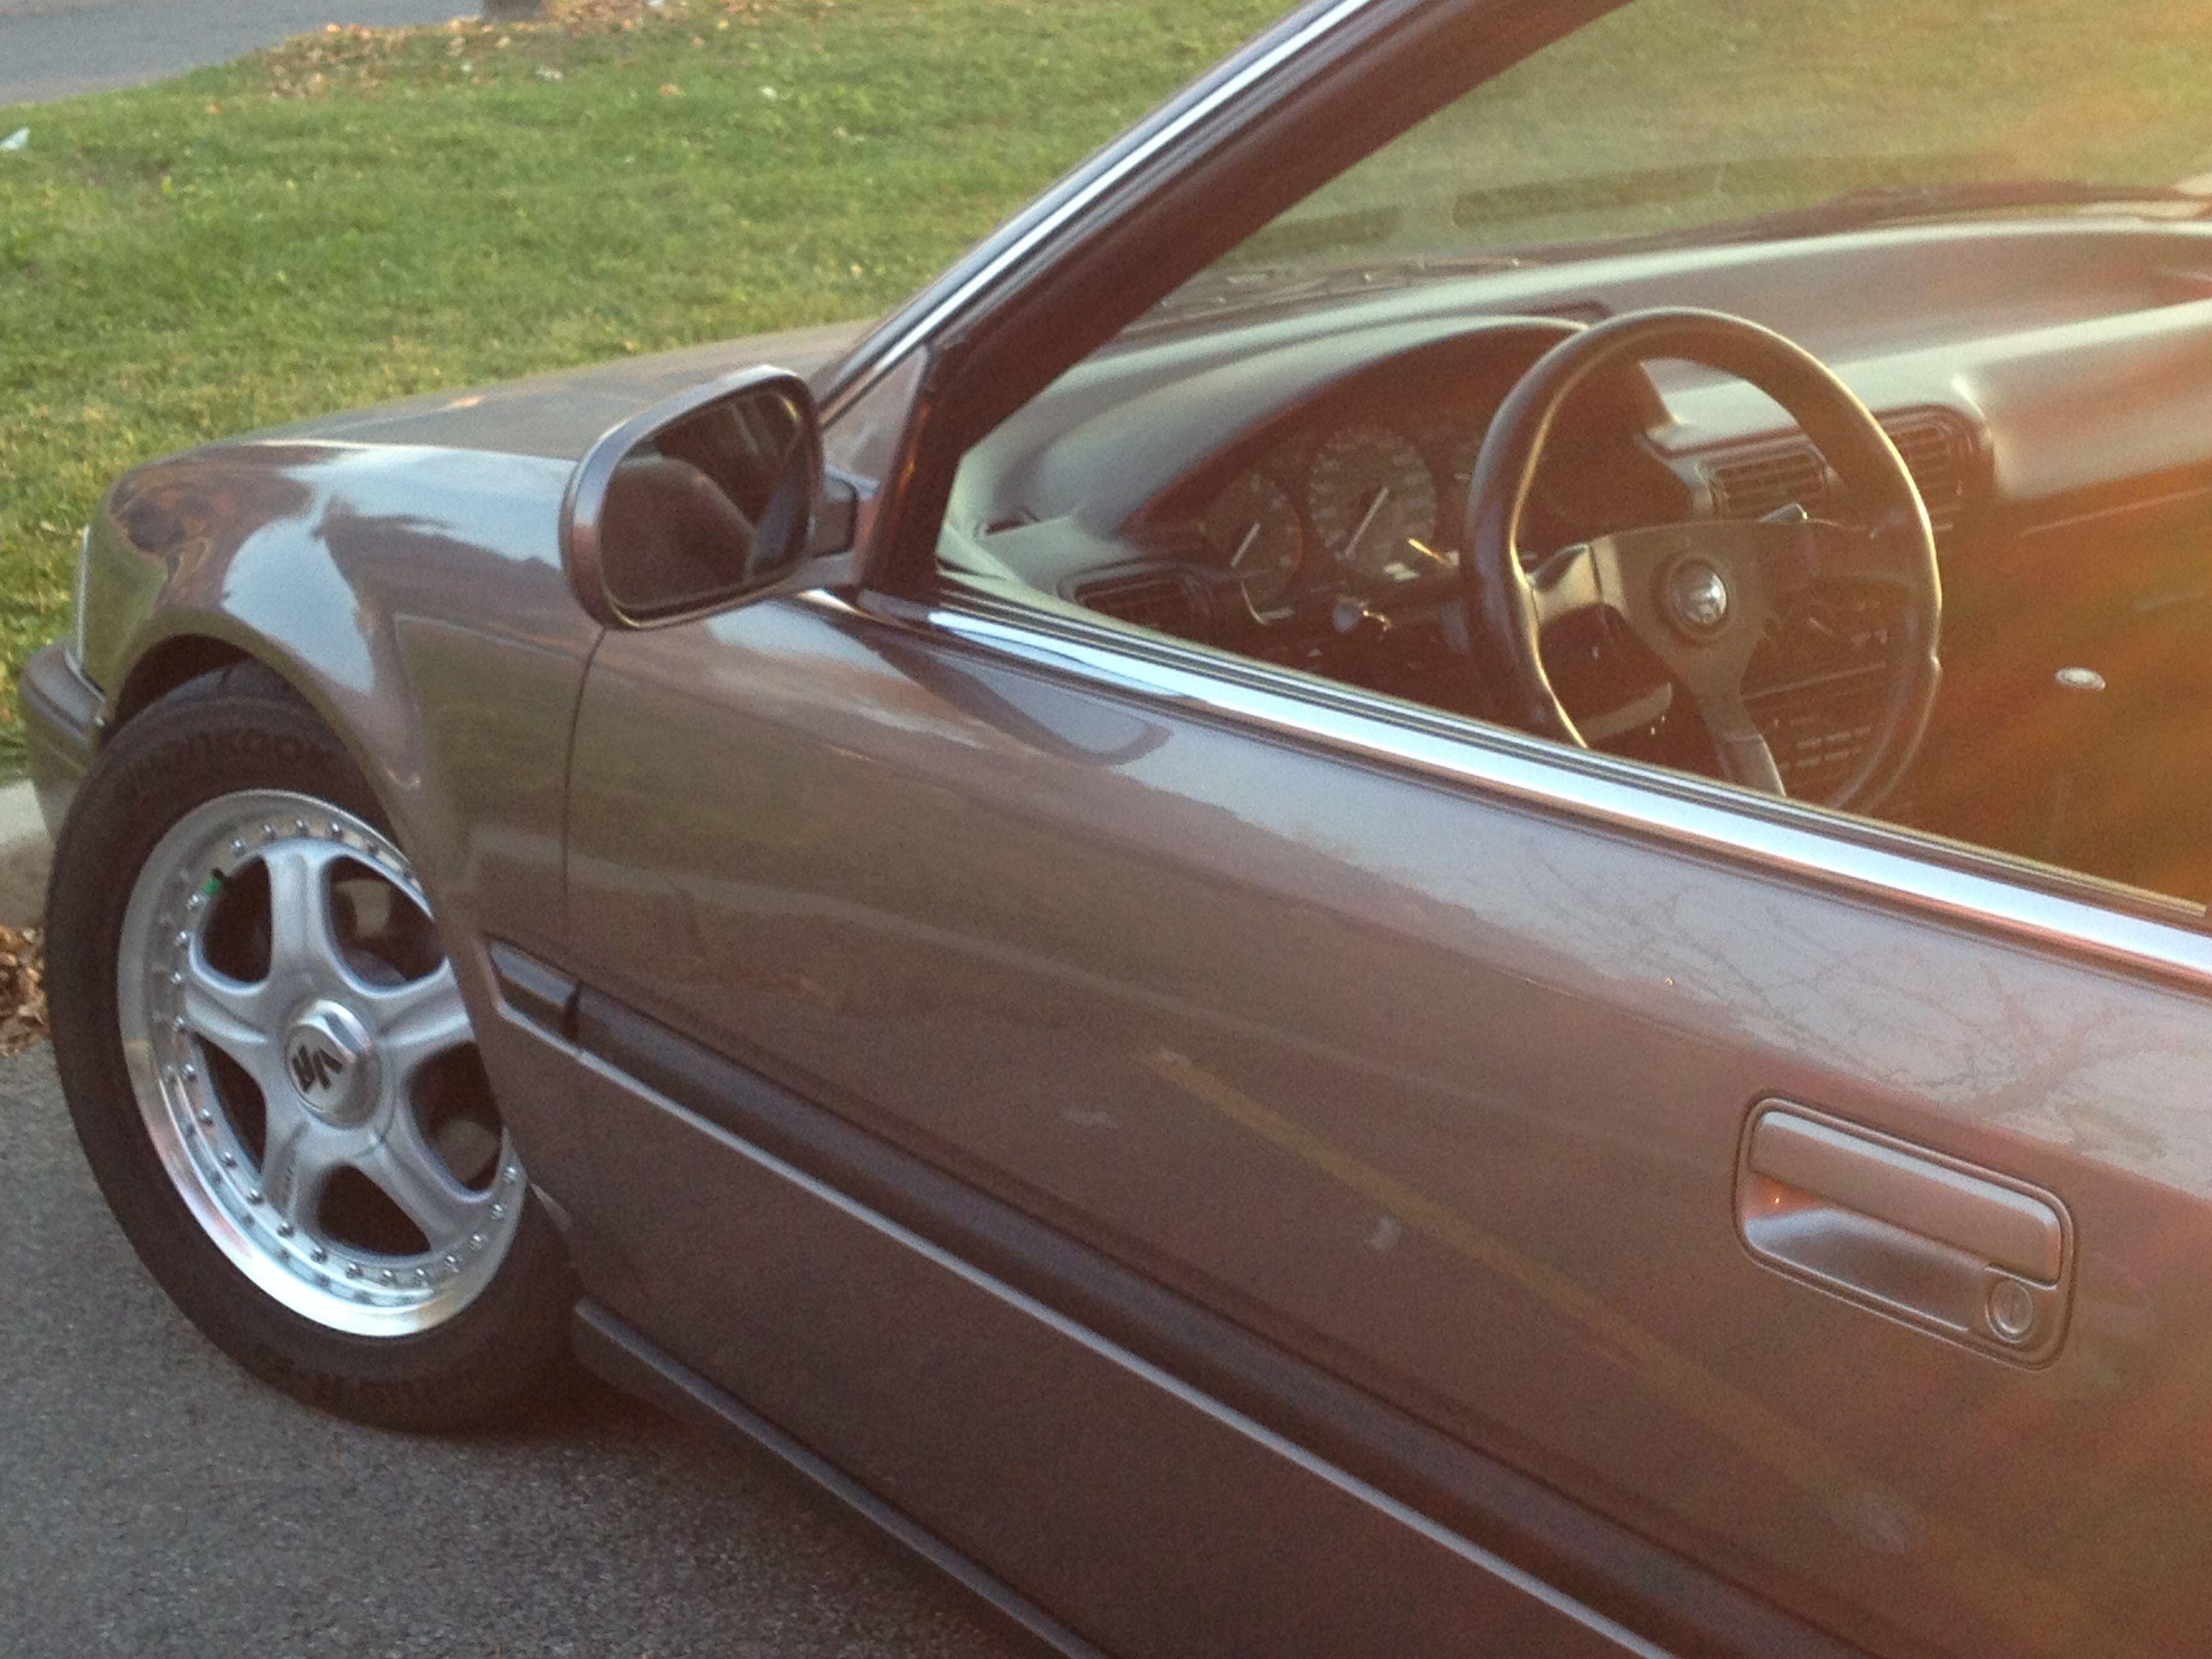 Pin on Honda Accord 92'